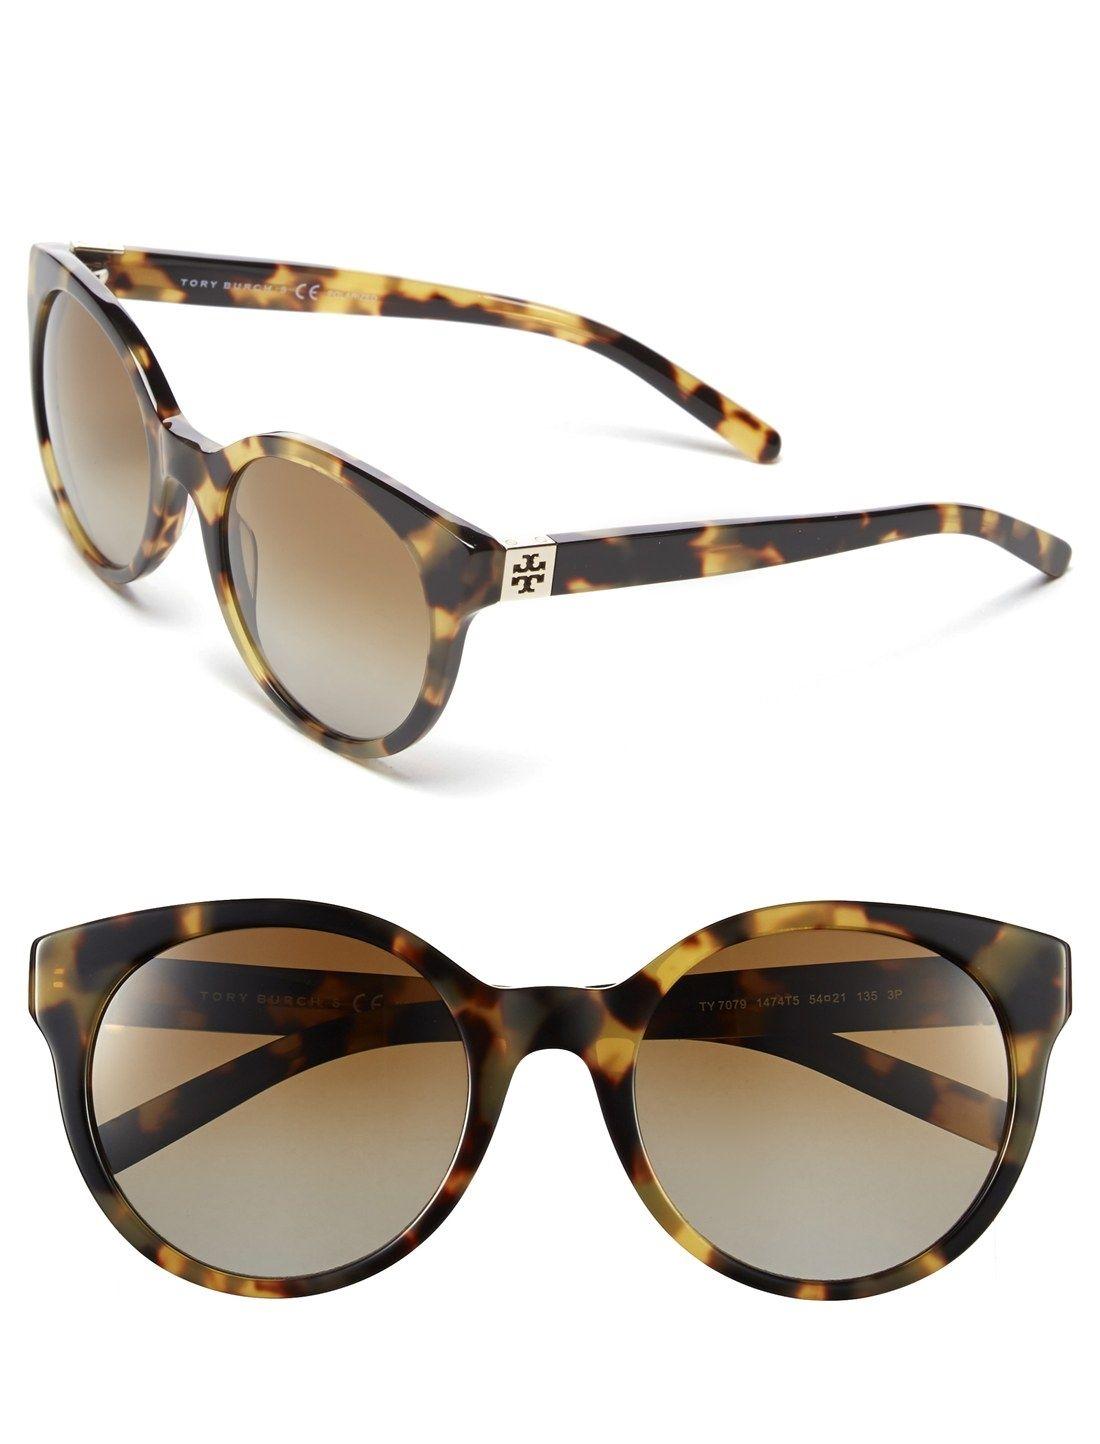 Lunettes de soleil Ray Ban miroir bleu froid polarisées en plastique à clipper sur vos lunettes de vue, unisexe et pour toute saison